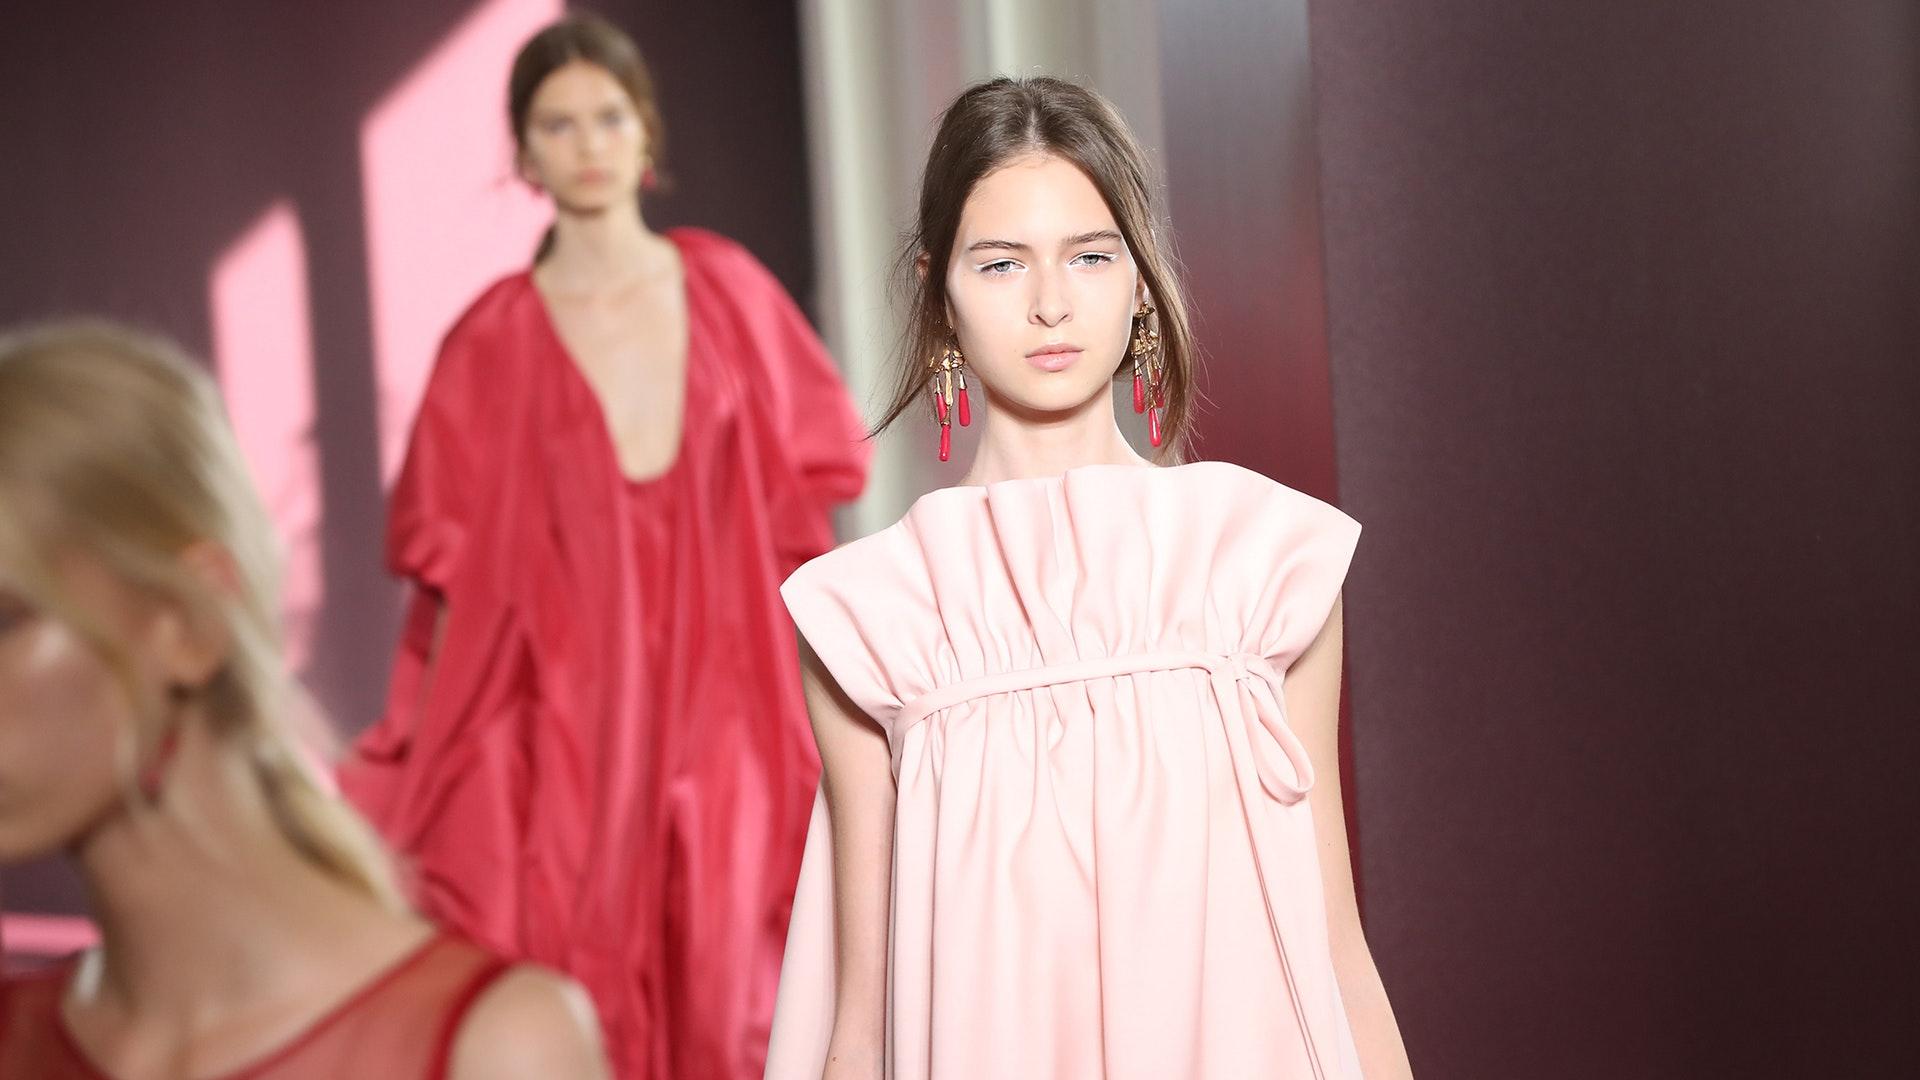 c3ce19bed55 Девушка в платье с воланами навевает мысли о романтической творческой  личности